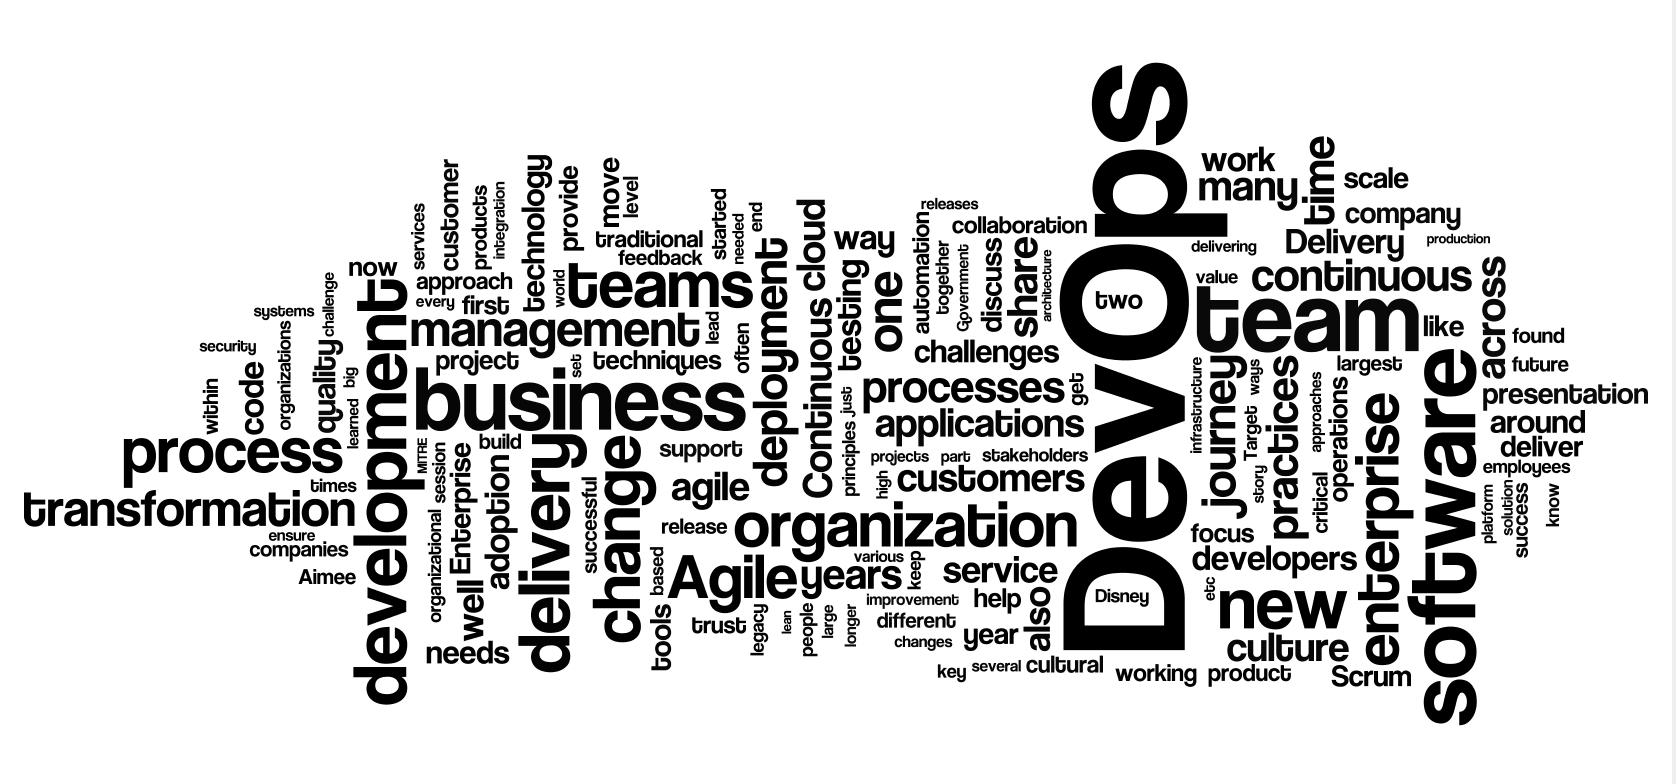 At A Glance: 2014 DevOps Enterprise Summit Speakers